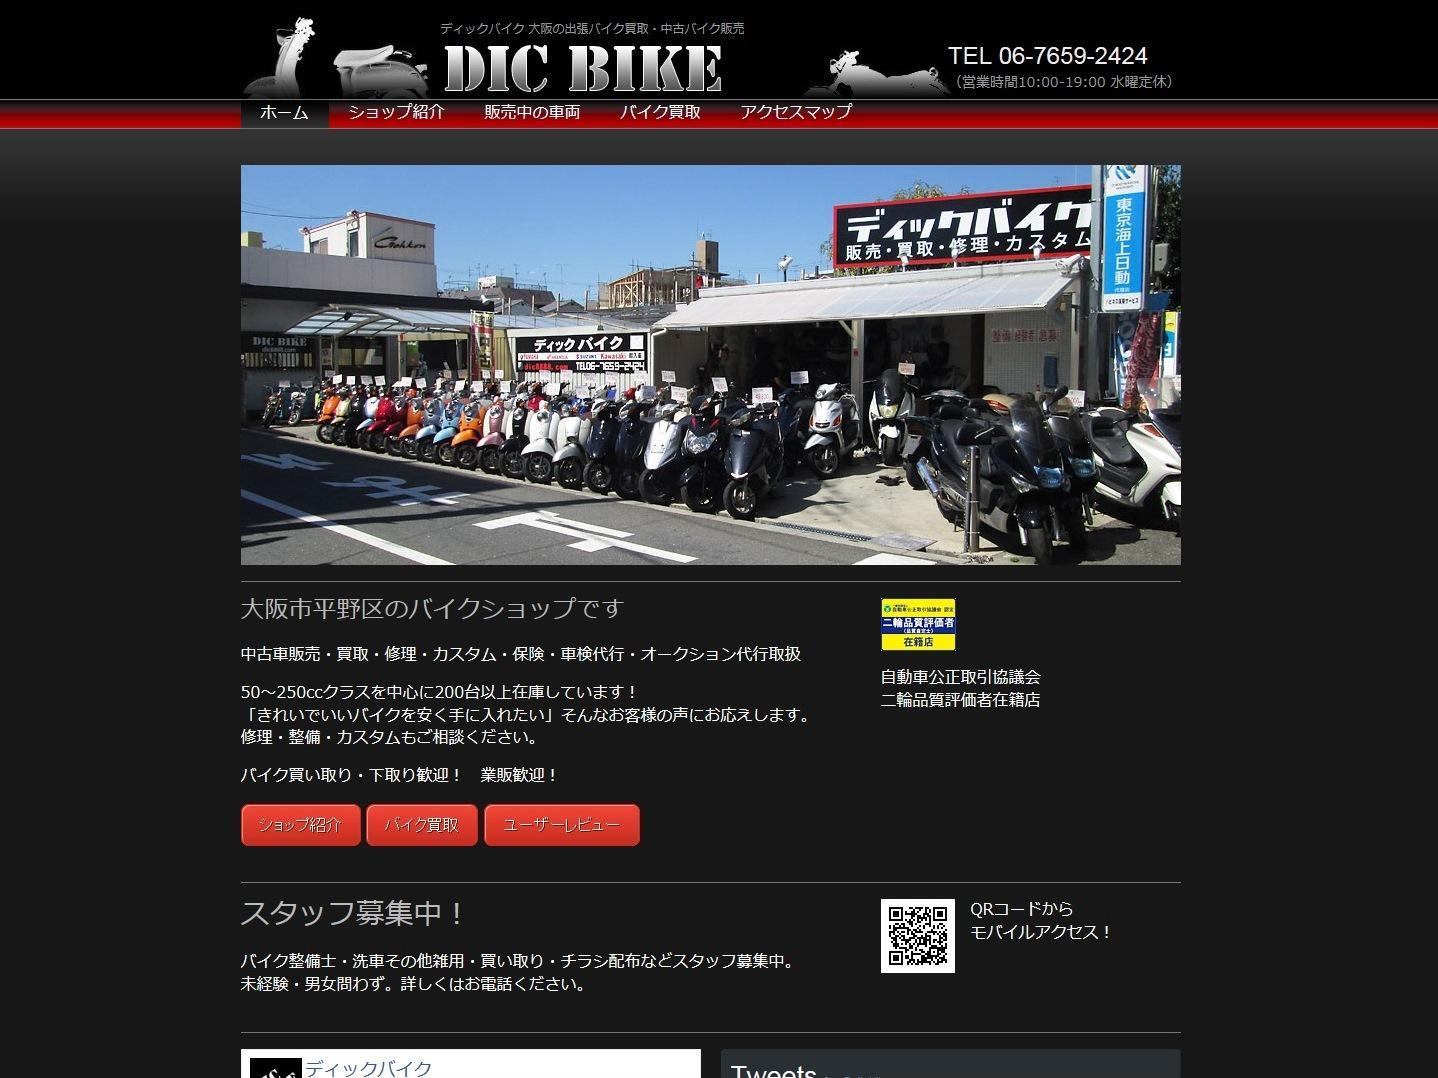 ディックバイク